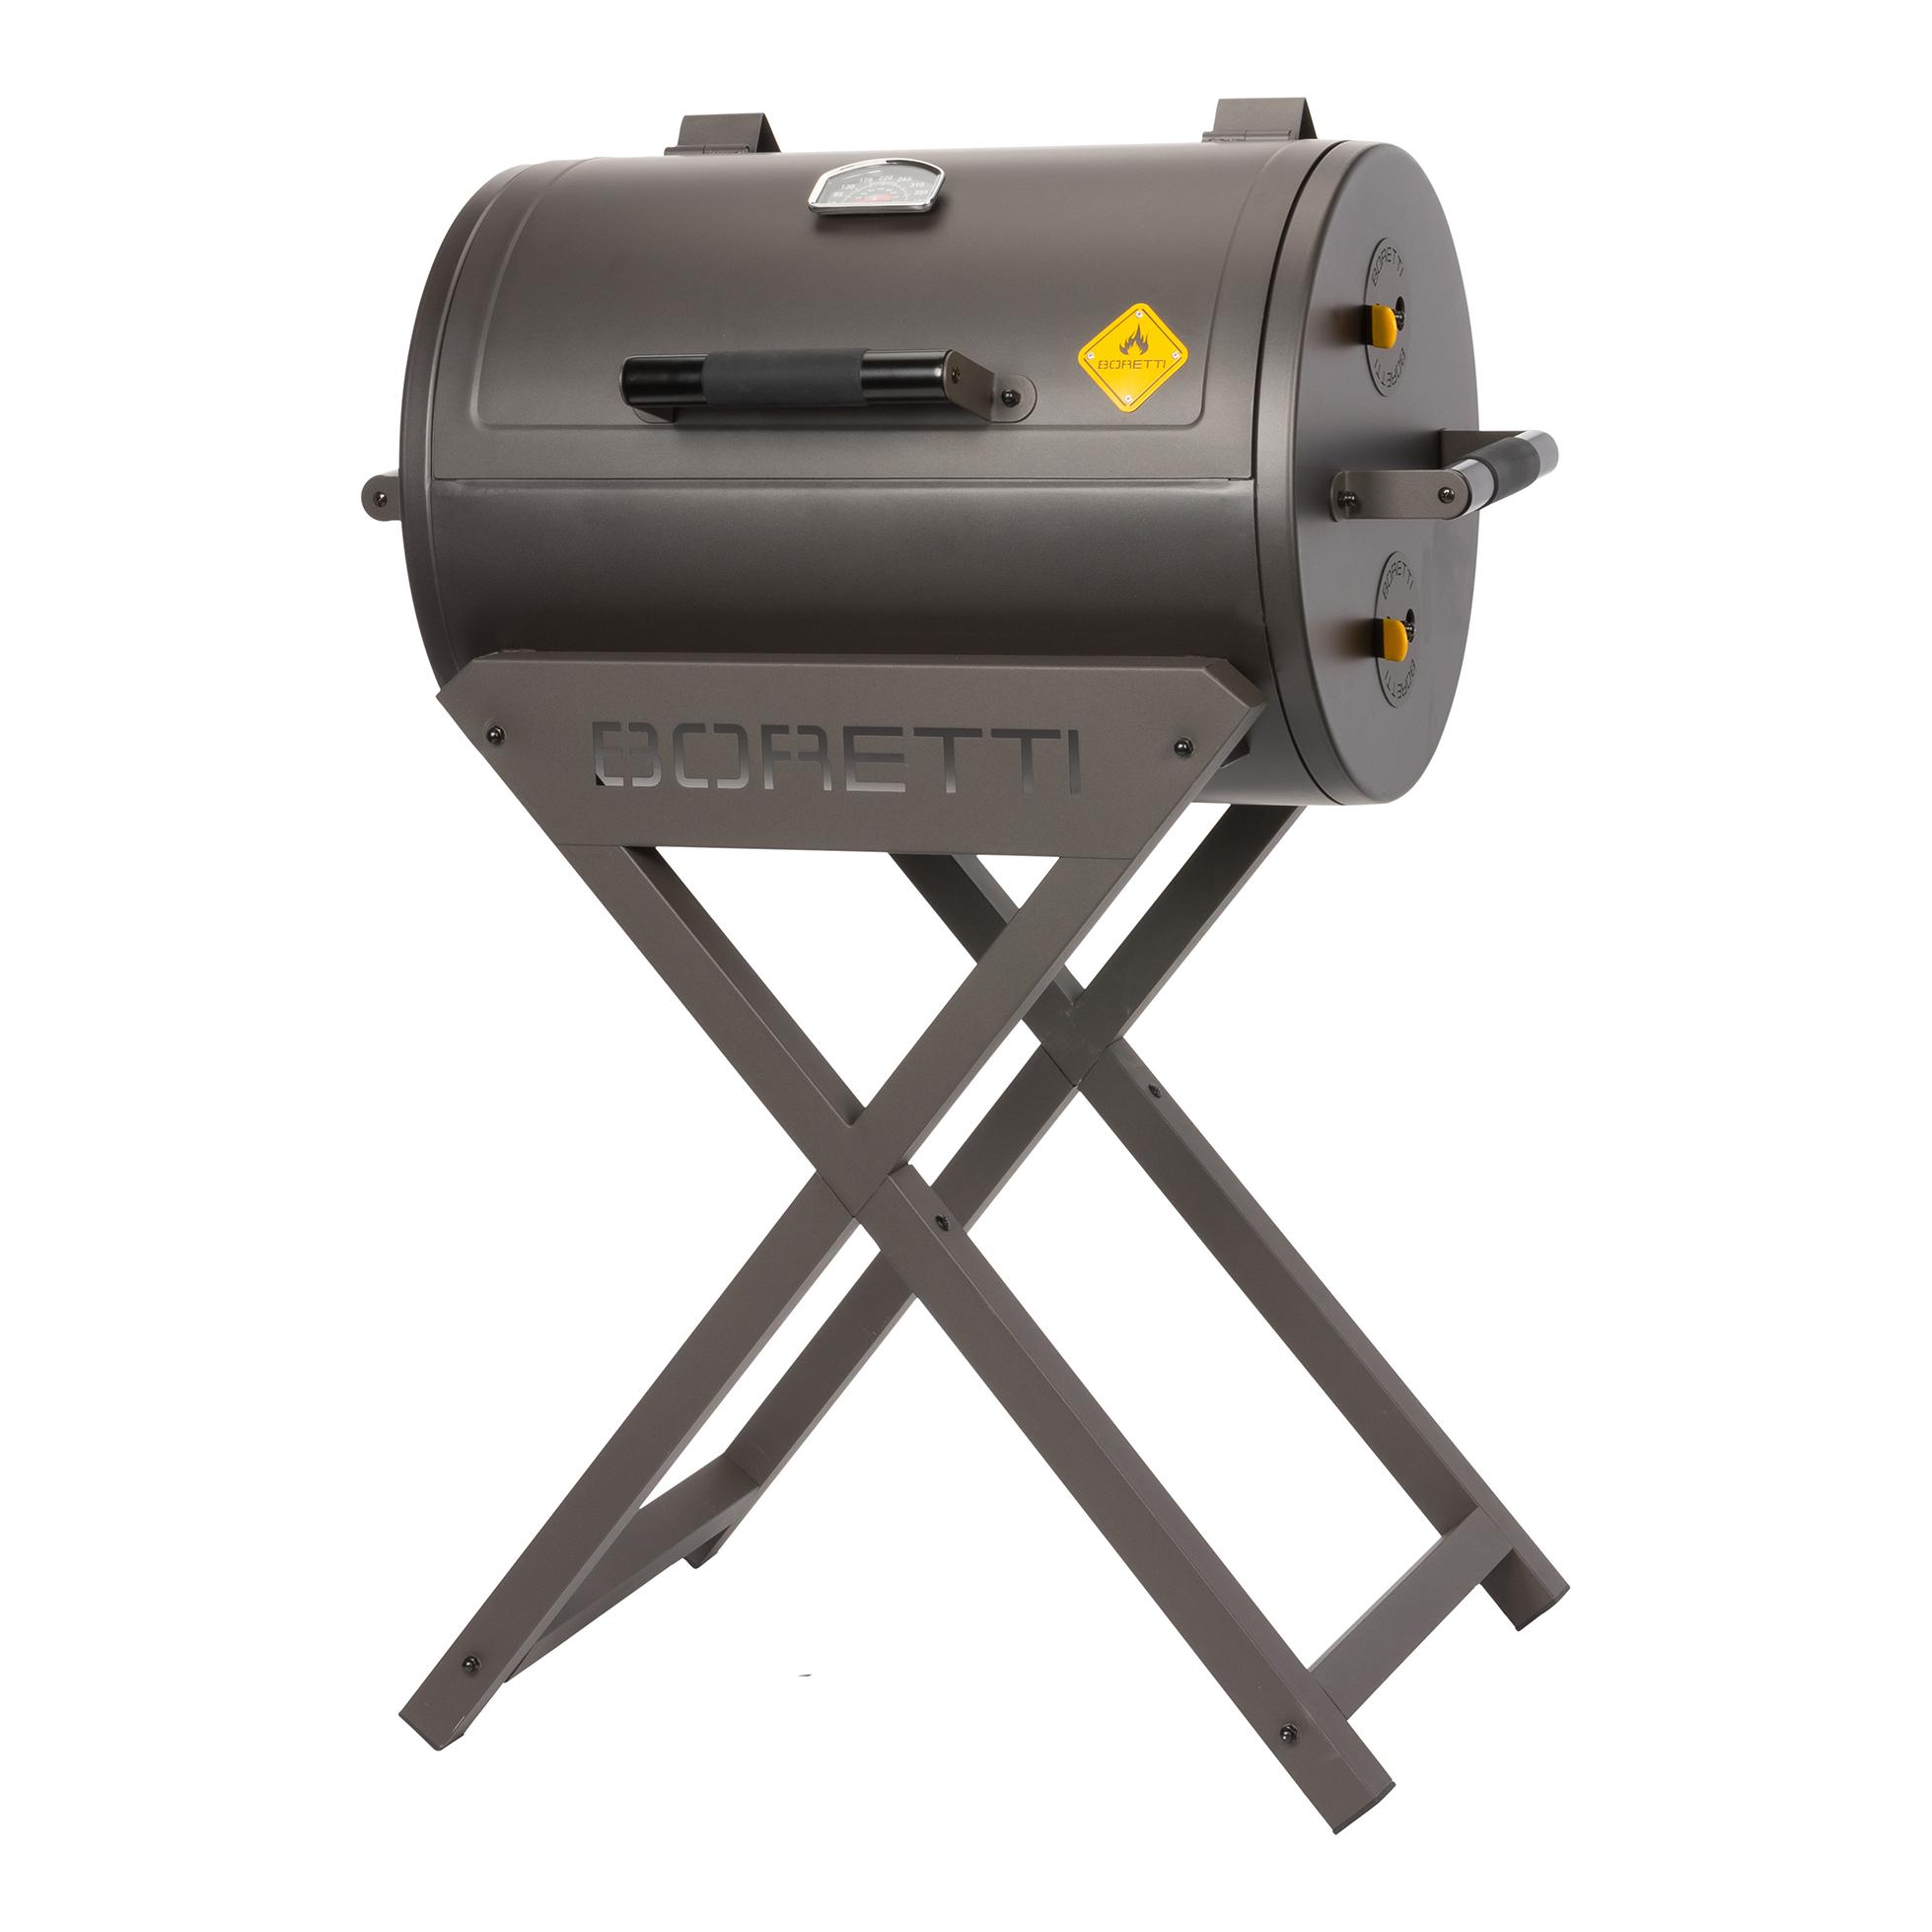 Boretti Barbecue à Gaz